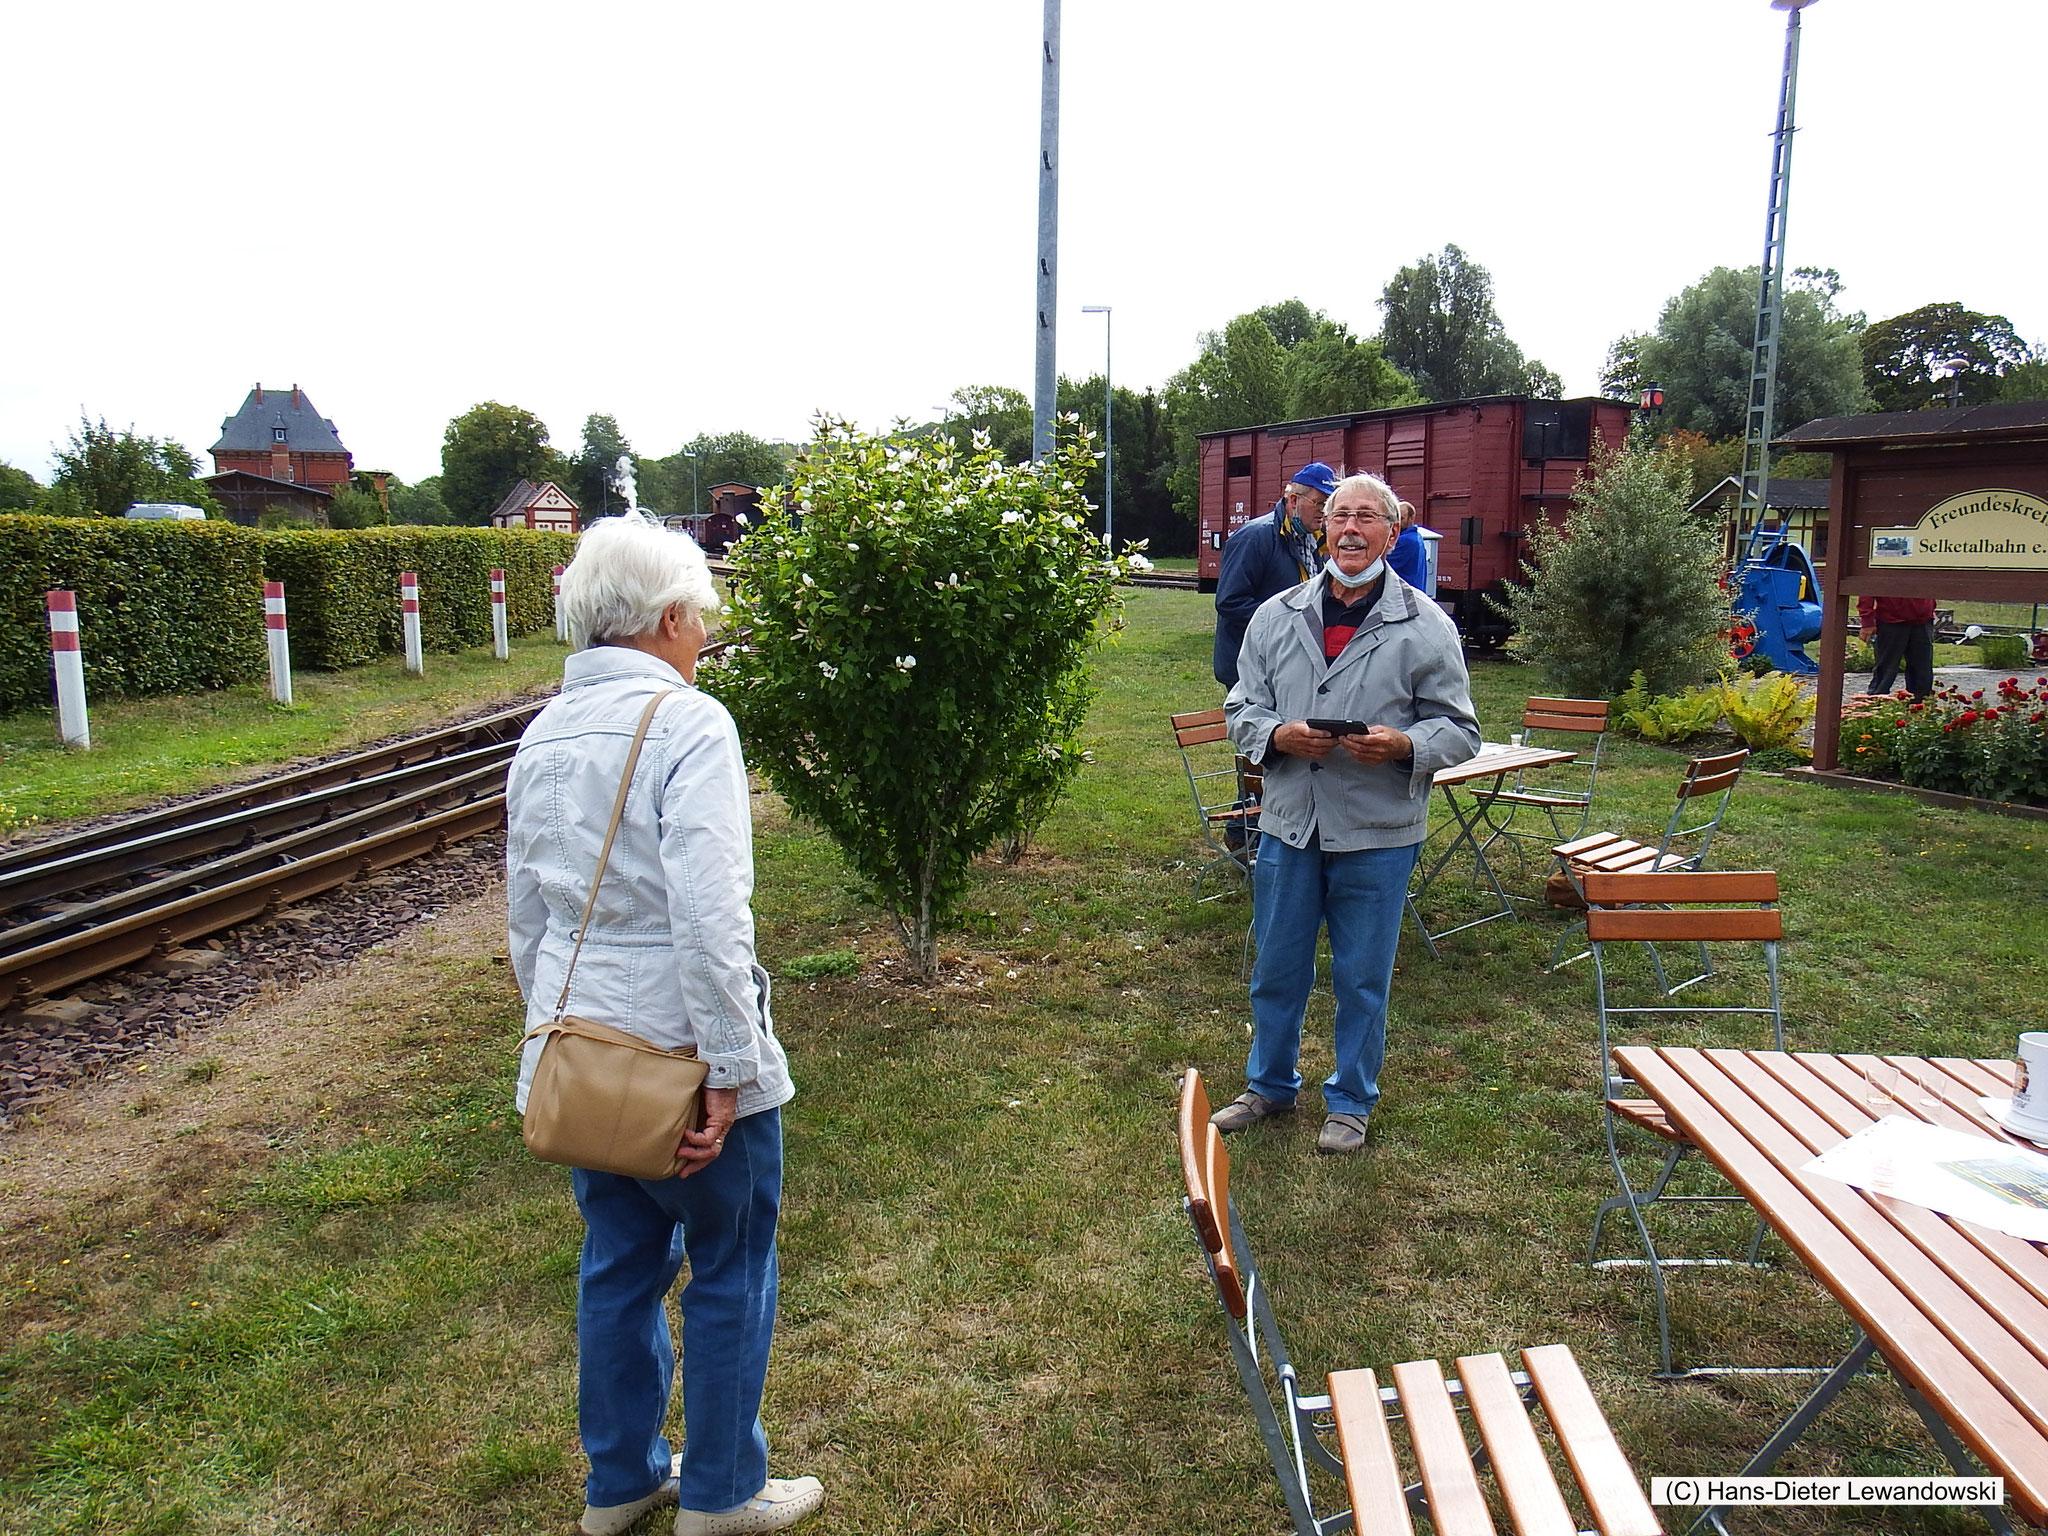 Freundeskreis Selketalbahn - Gernrode